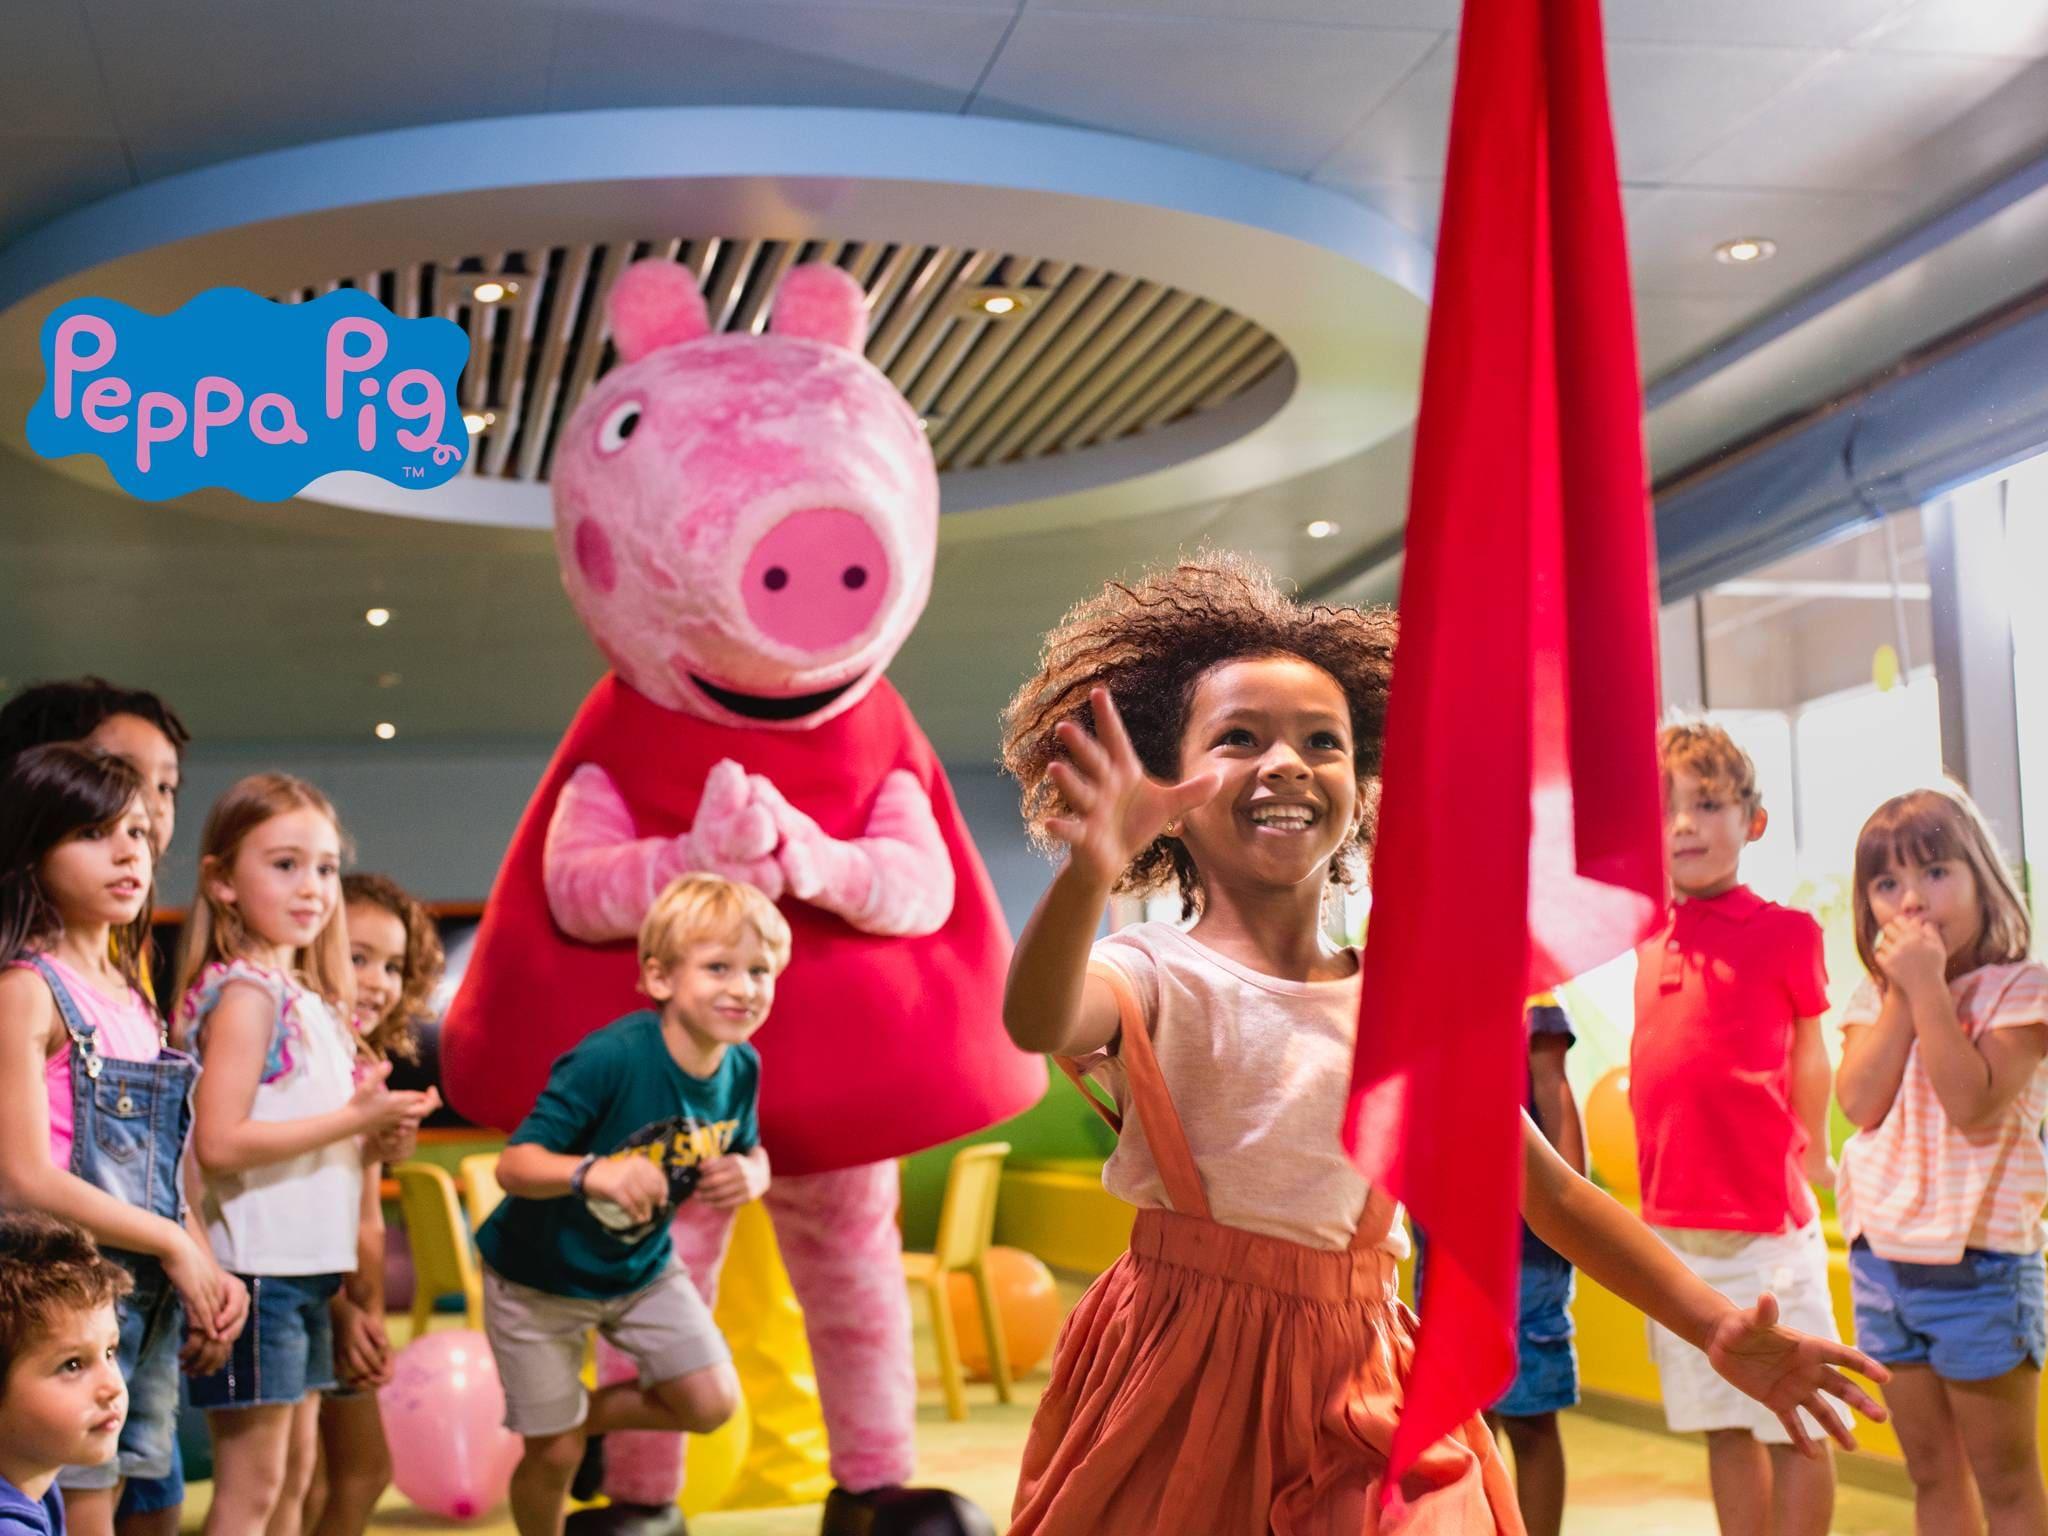 Peppa Pig, Le Divertissement Pour Enfant | Costa Croisières encequiconcerne Peppa Pig À La Piscine